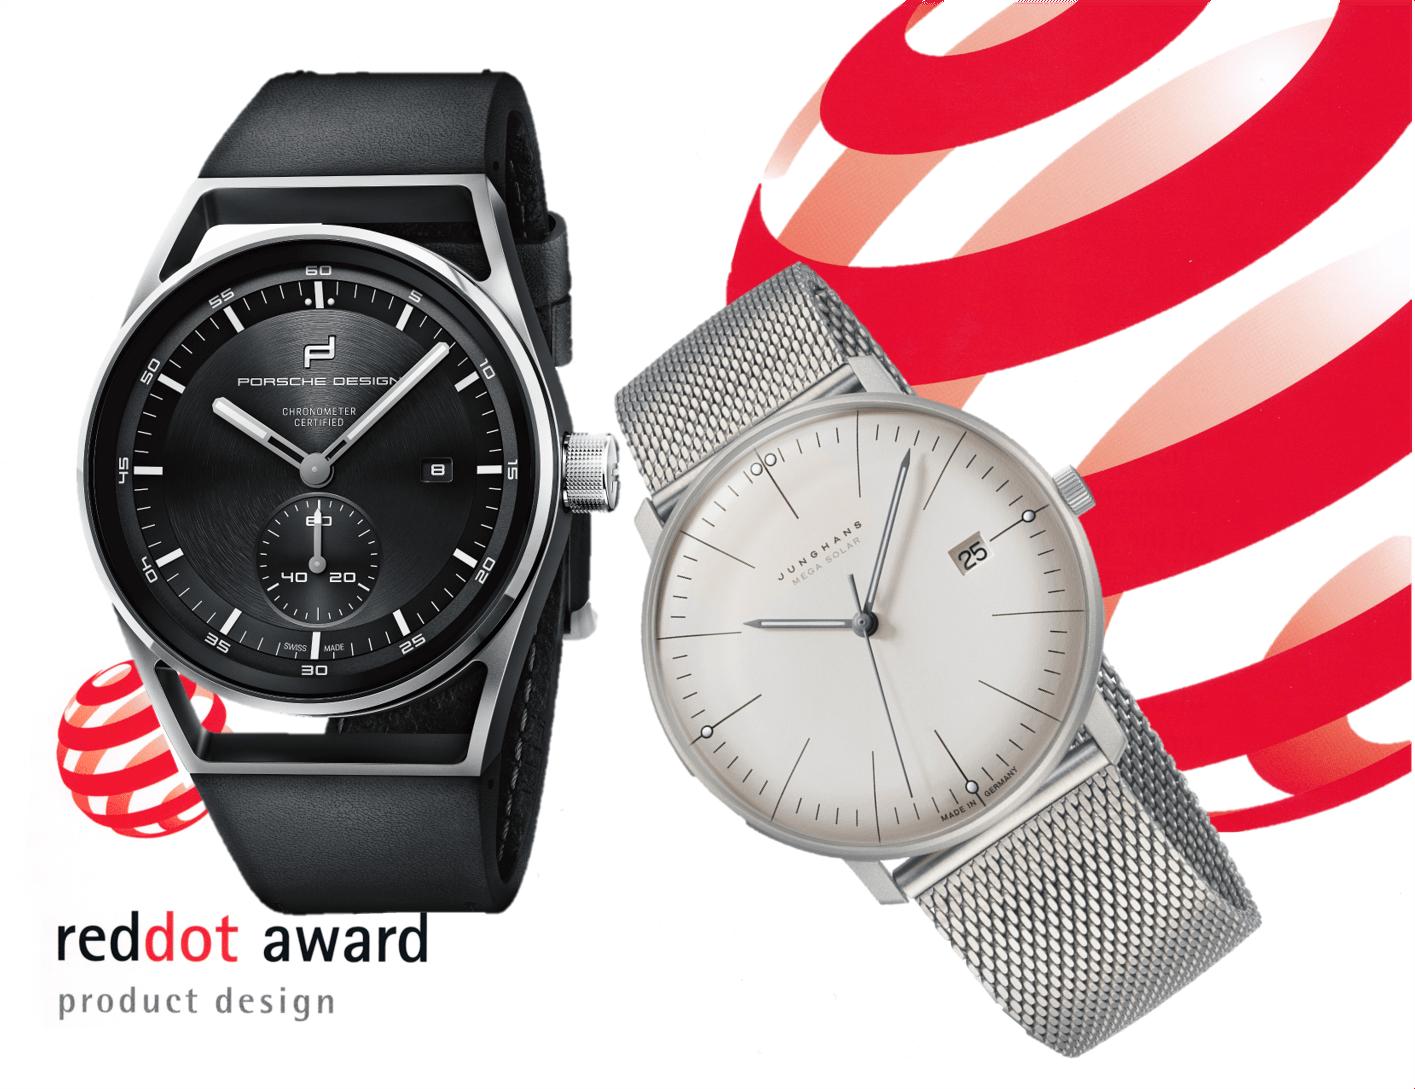 Designaward UhrenRed Dot Award Uhren: Dies Modelle erhielten einen Preis für gutes Produktdesign